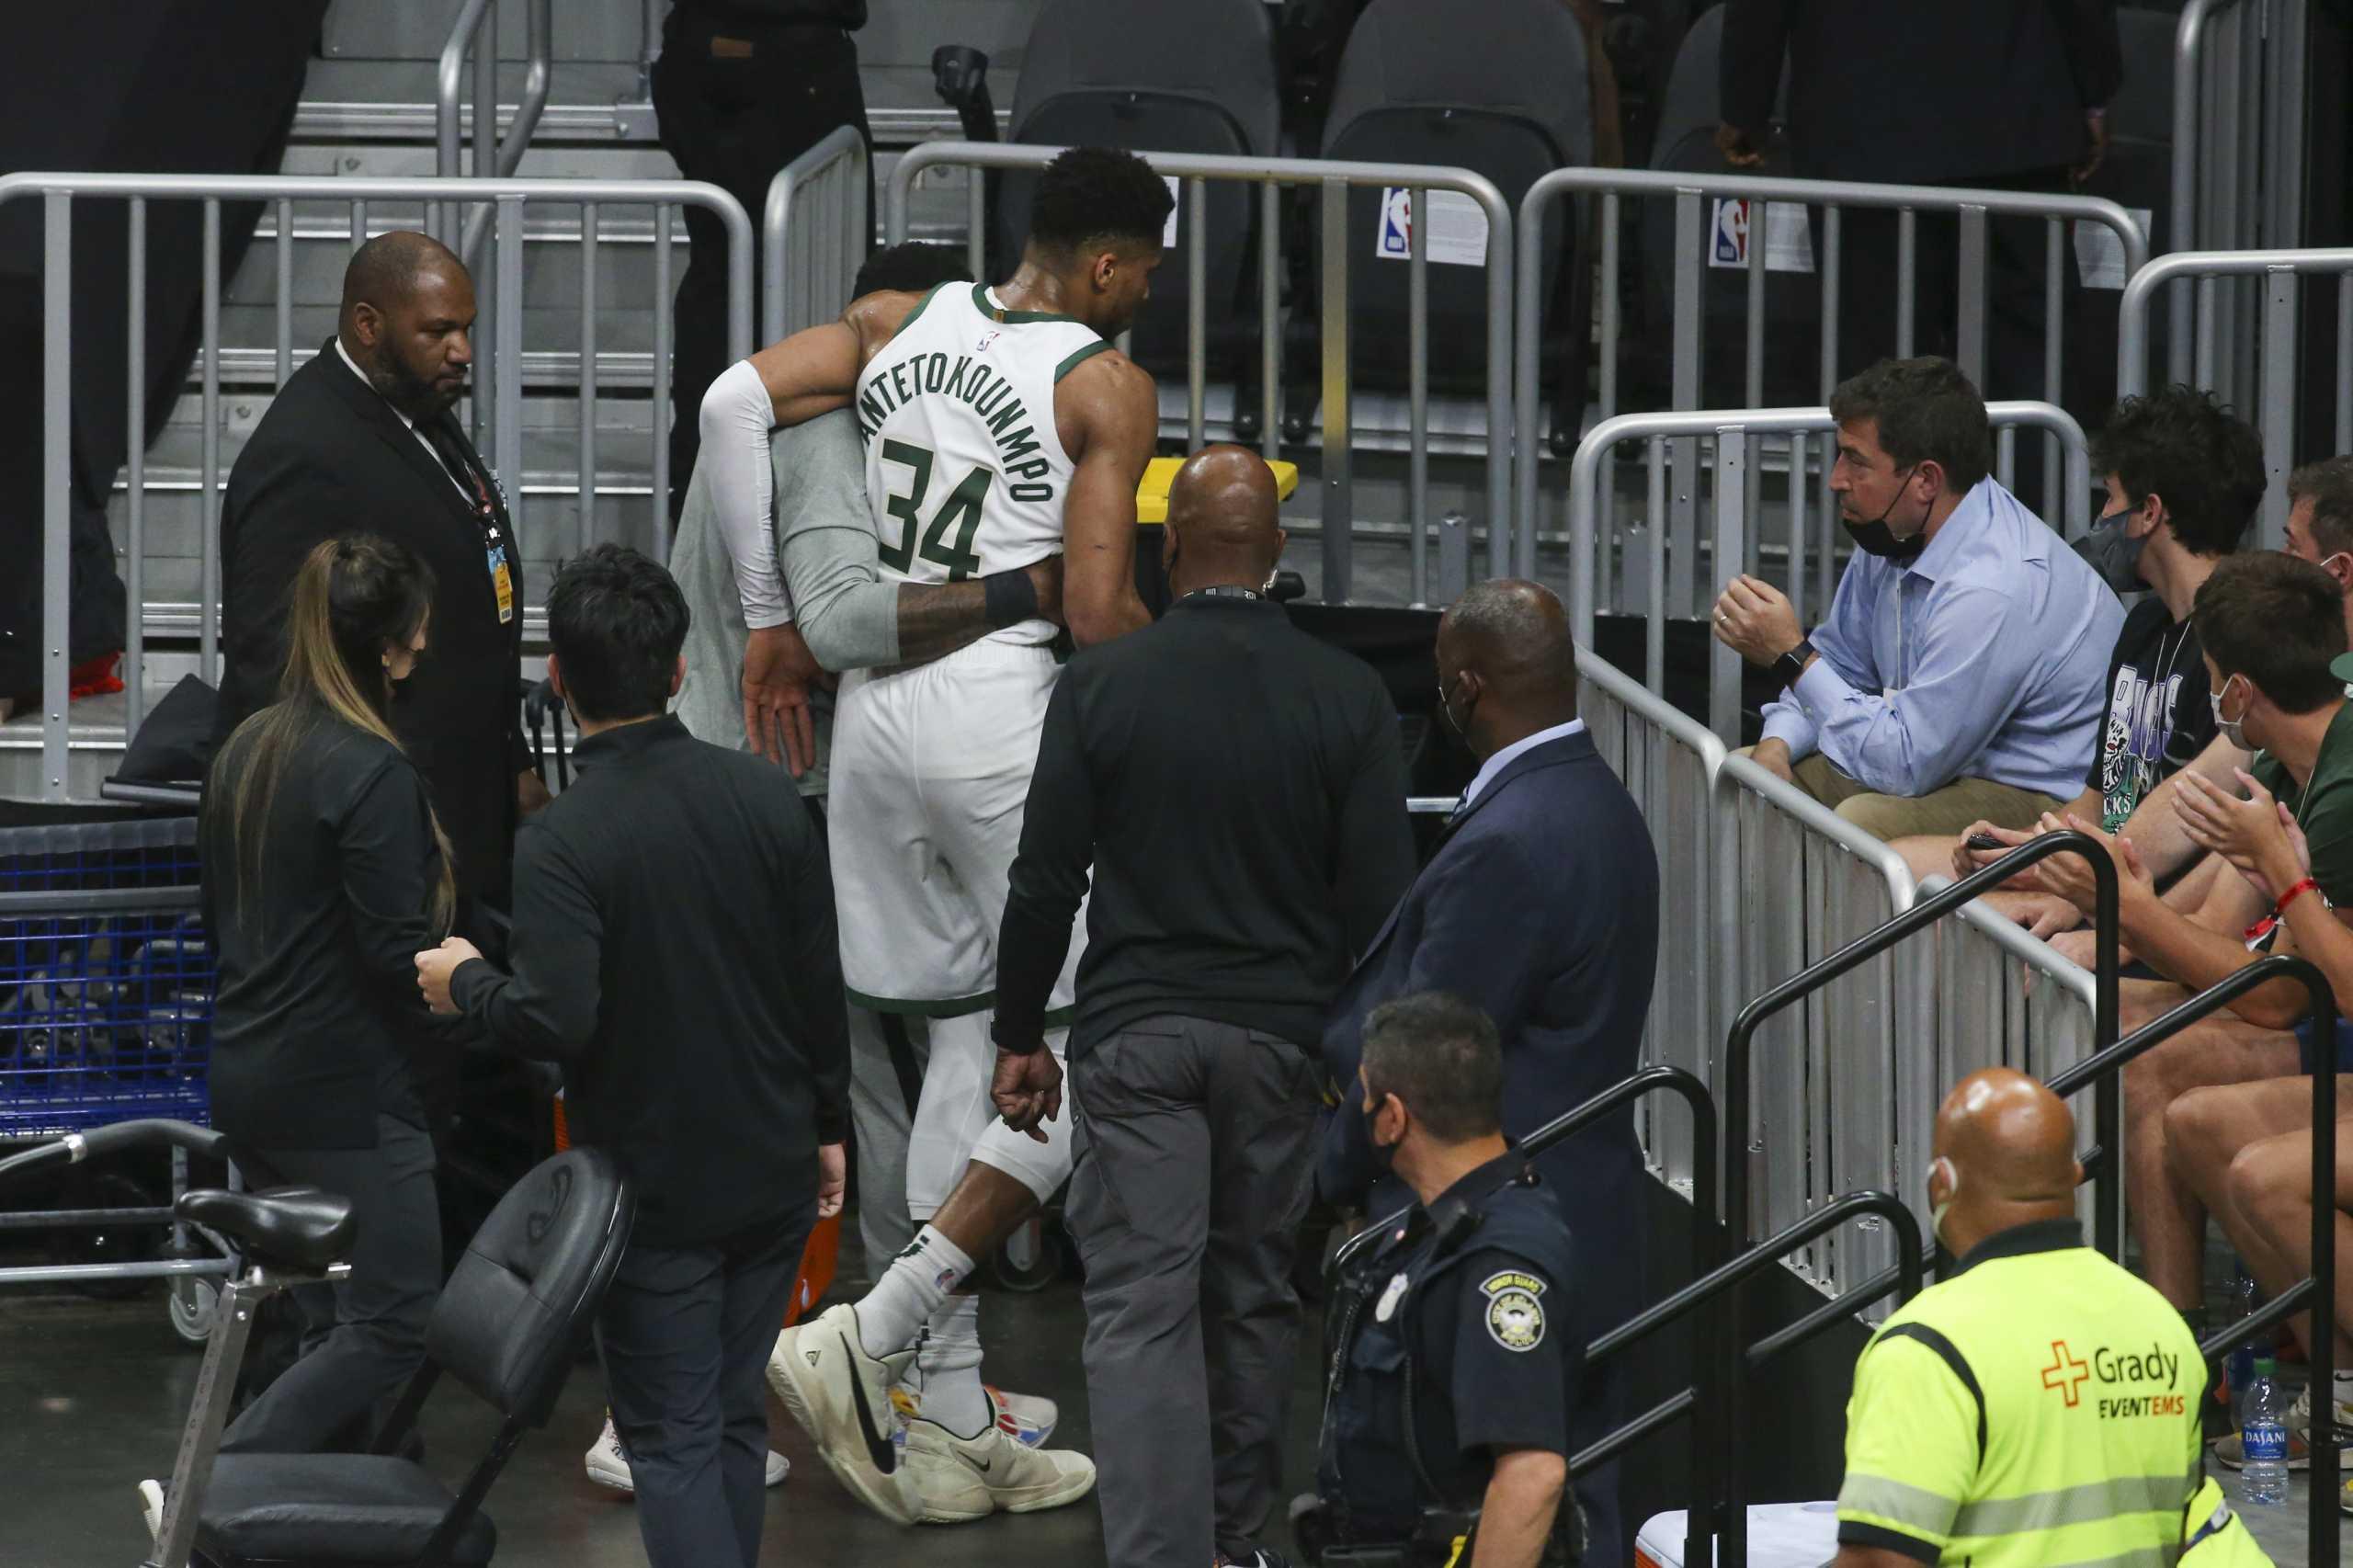 Γιάννης Αντετοκούνμπο: Συγκλονισμένος ο αθλητικός κόσμος για τον τραυματισμό του Έλληνα φόργουορντ